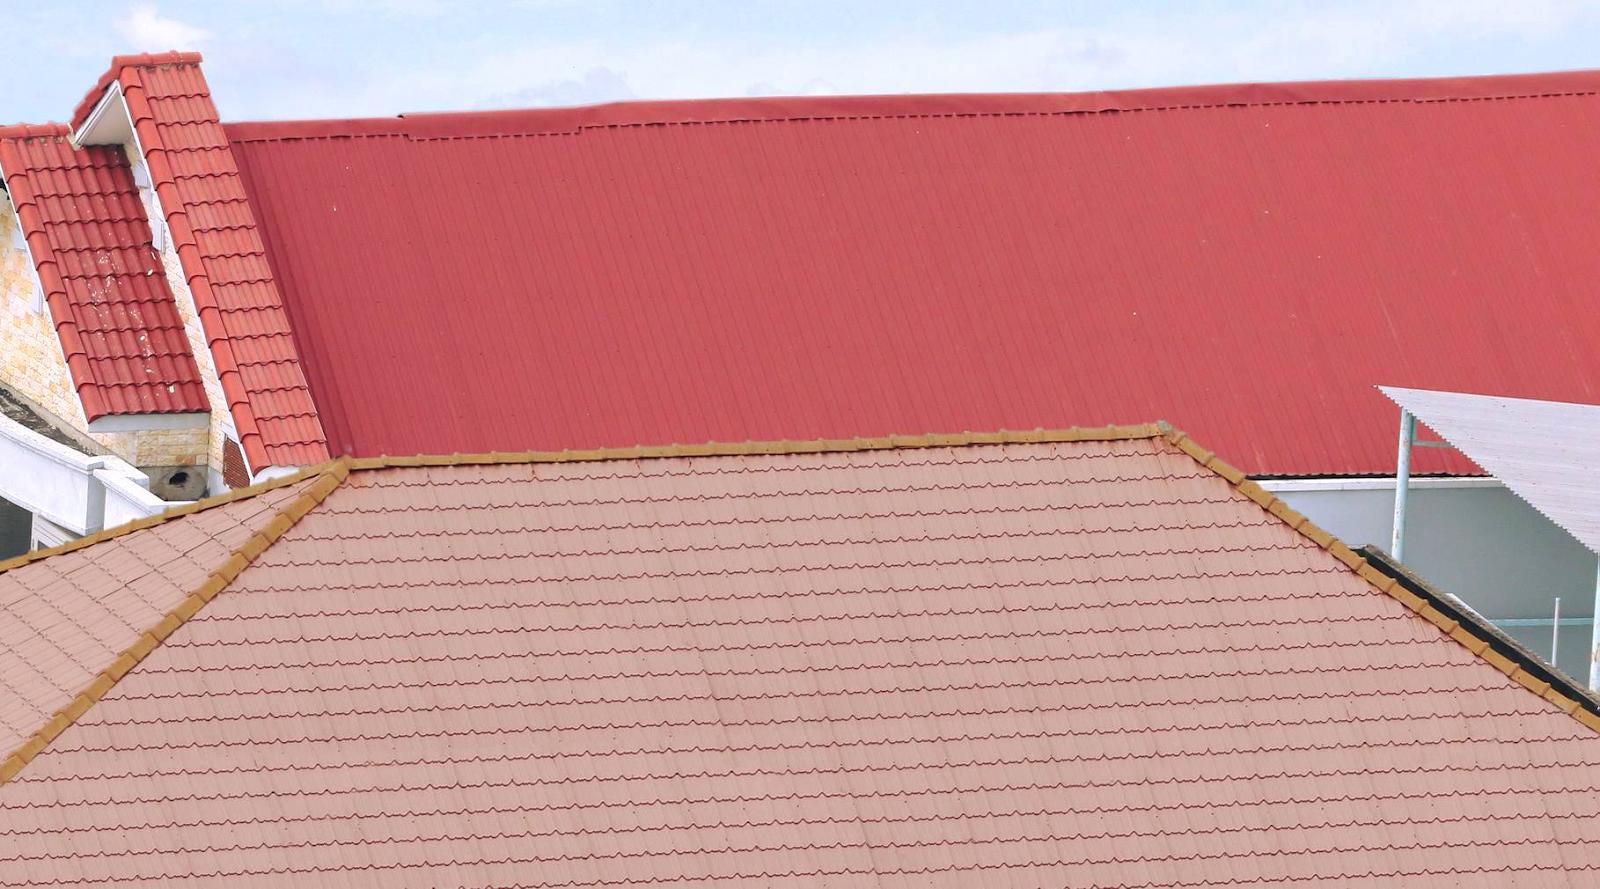 Phụ kiện bắn mái tôn là phần thiết yếu khi lắp đặt tôn